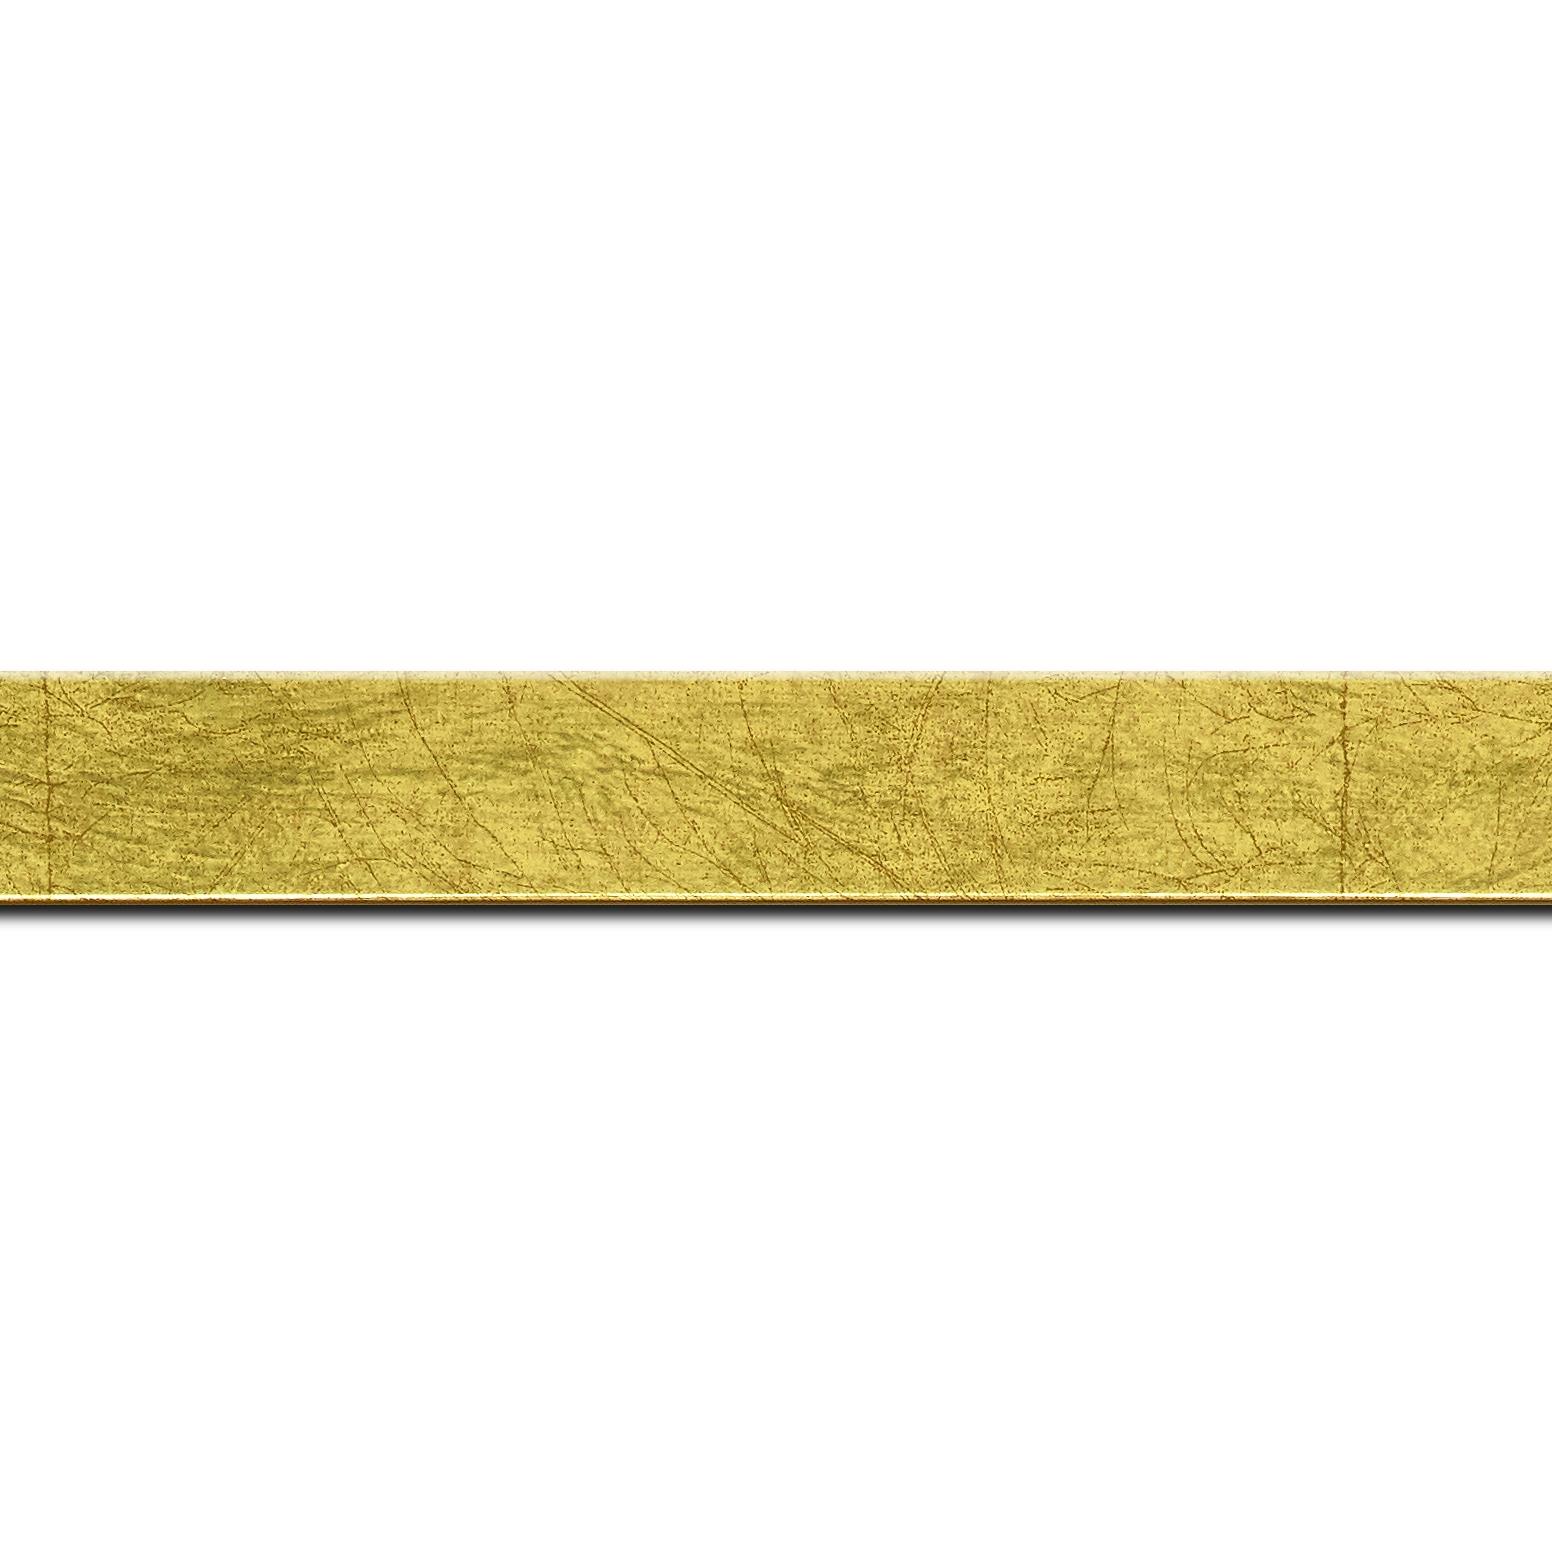 Pack par 12m, bois profil plat largeur 2.5cm hauteur 4.8cm or effet marbré (hauteur feuillure 4.3cm )(longueur baguette pouvant varier entre 2.40m et 3m selon arrivage des bois)